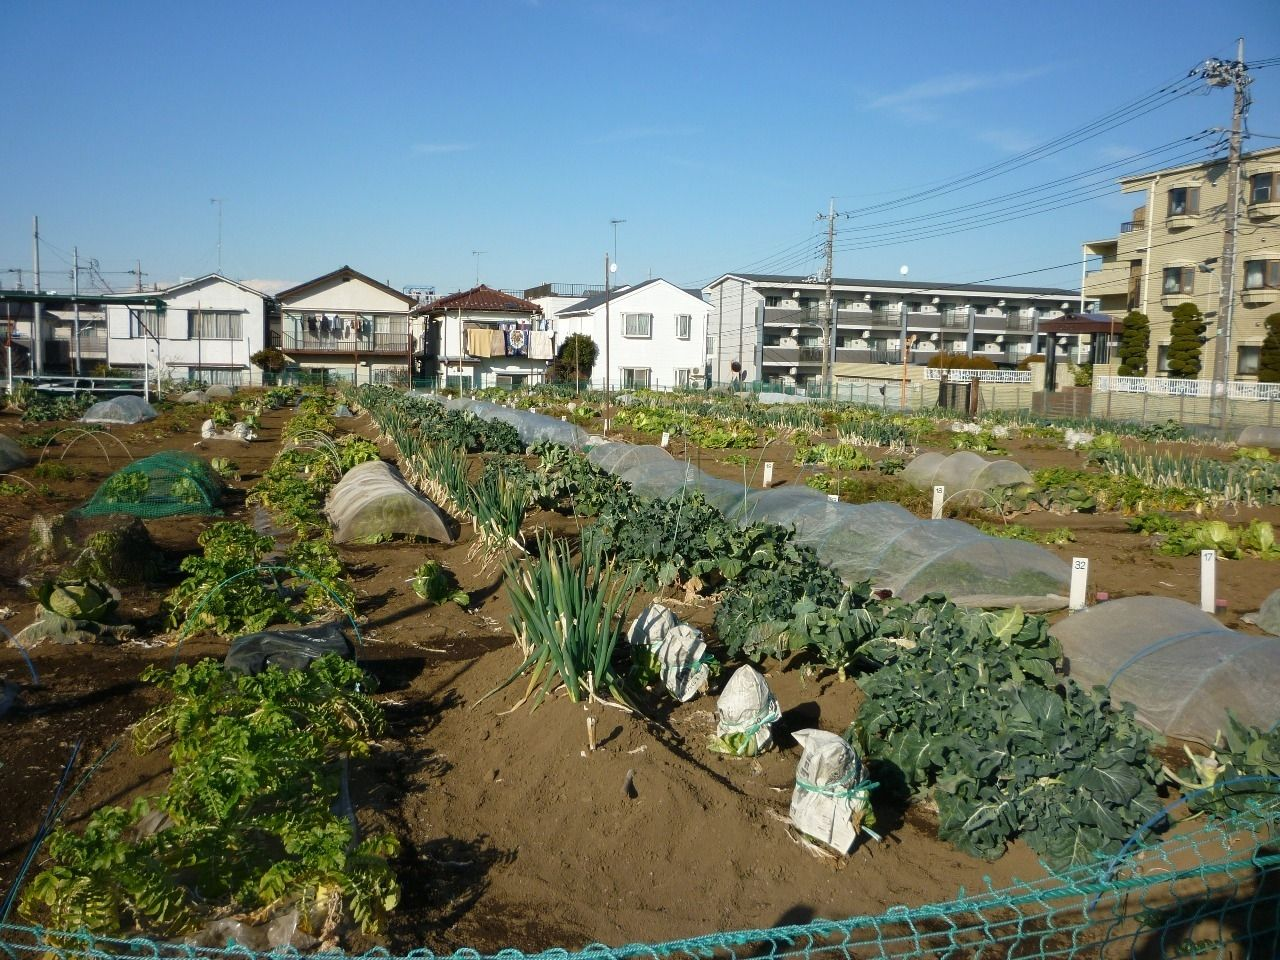 農業体験農園で野菜作り